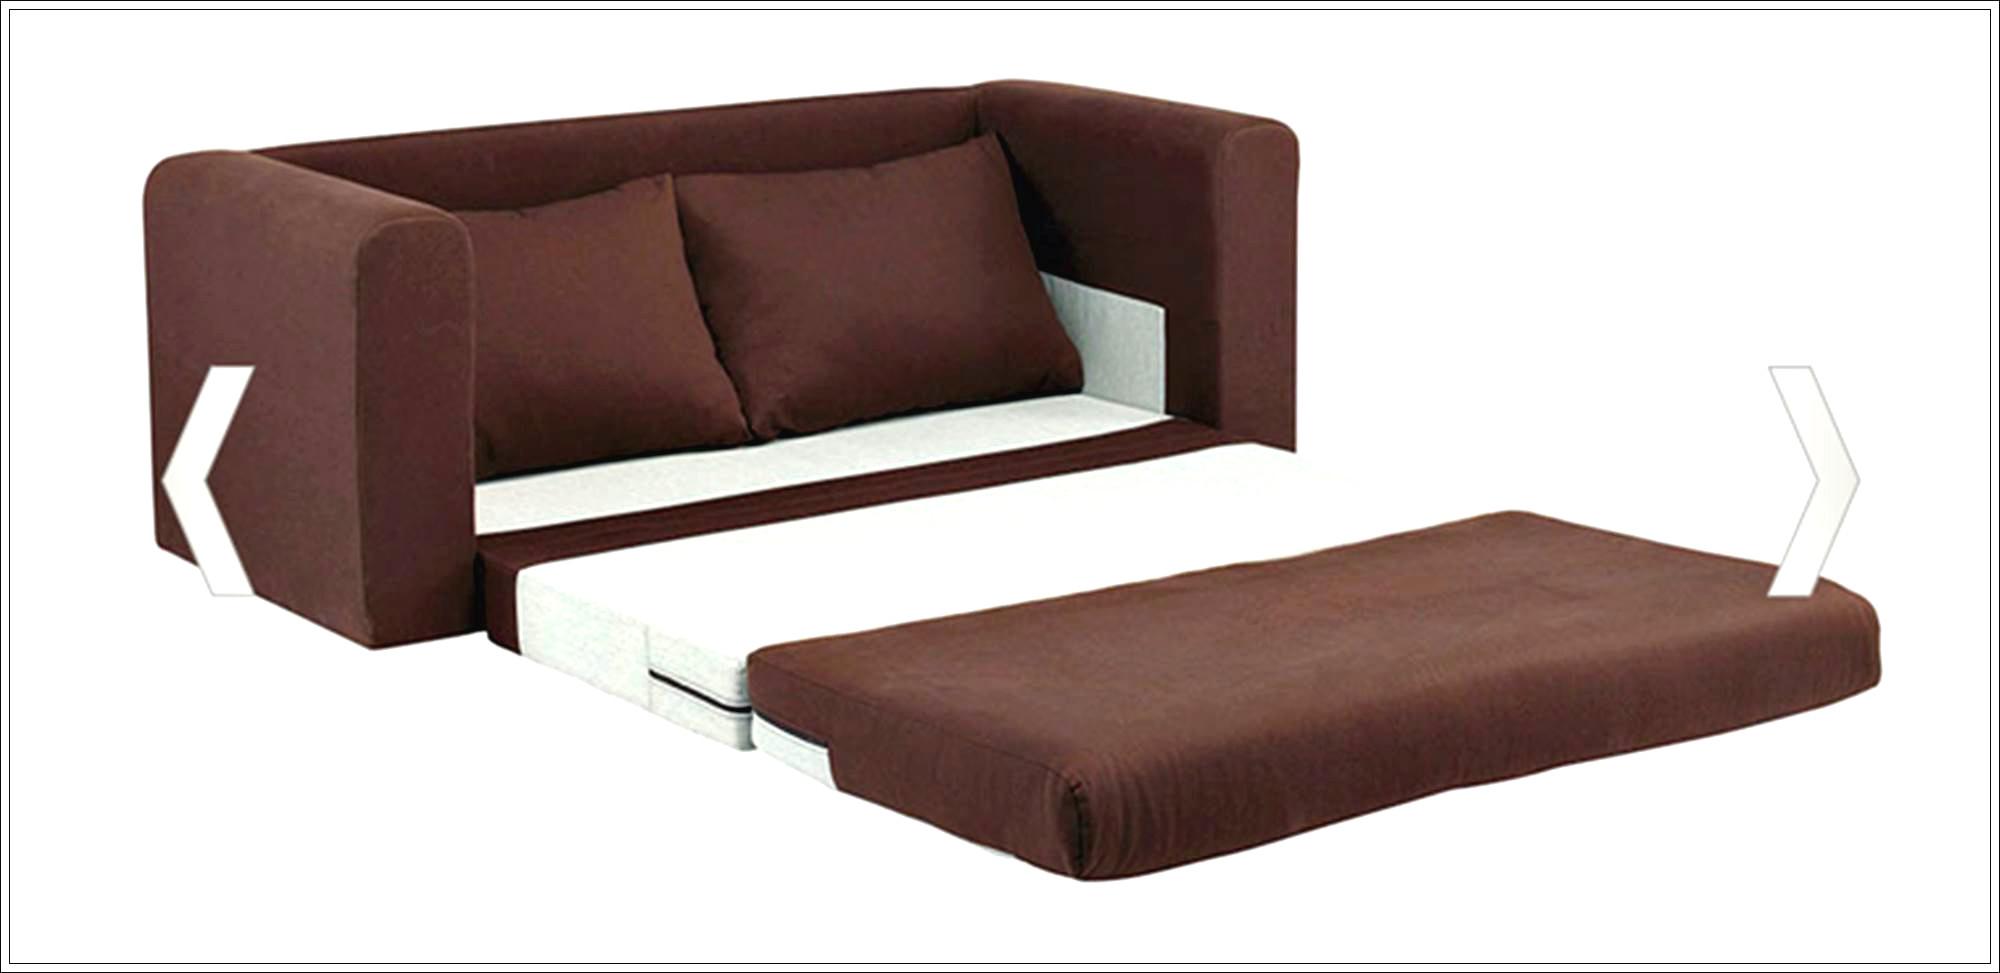 Canapé En Kit Meilleur De Stock Clic Clac Ikea Pas Cher Canap Convertible Clic Clac Ikea Ikea Clic